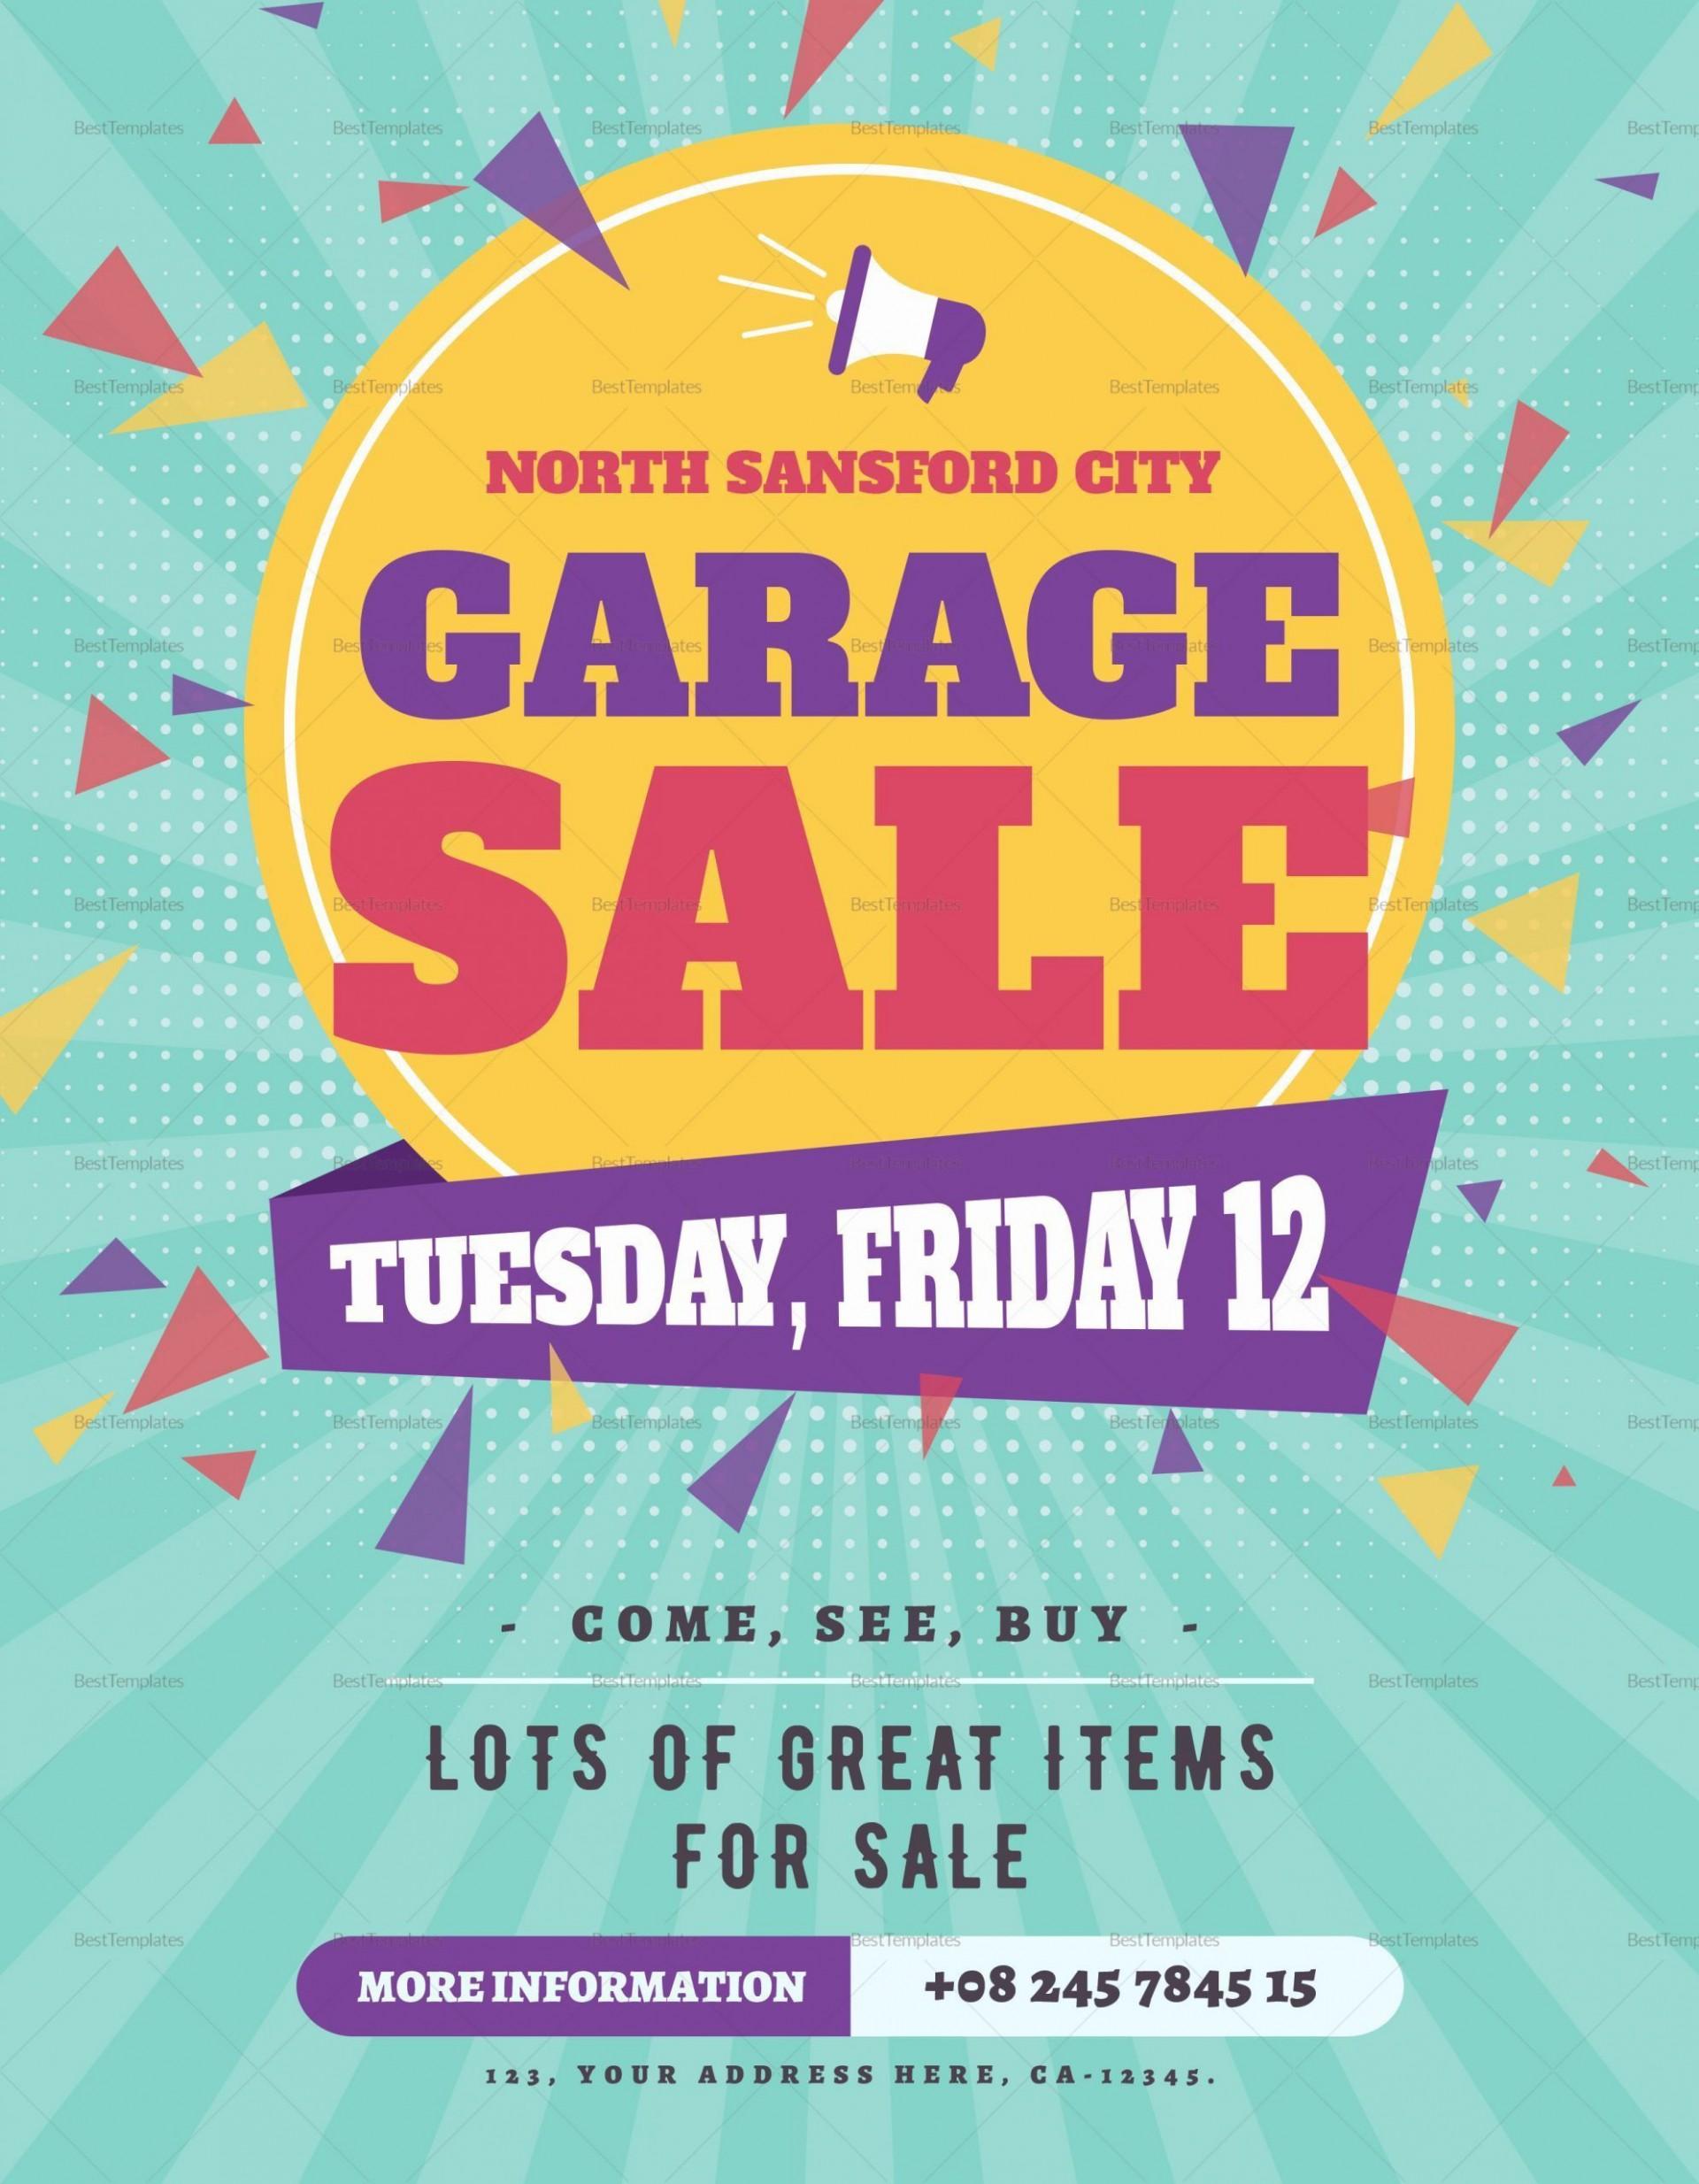 008 Incredible Garage Sale Flyer Template Free Example  Community Neighborhood Yard1920